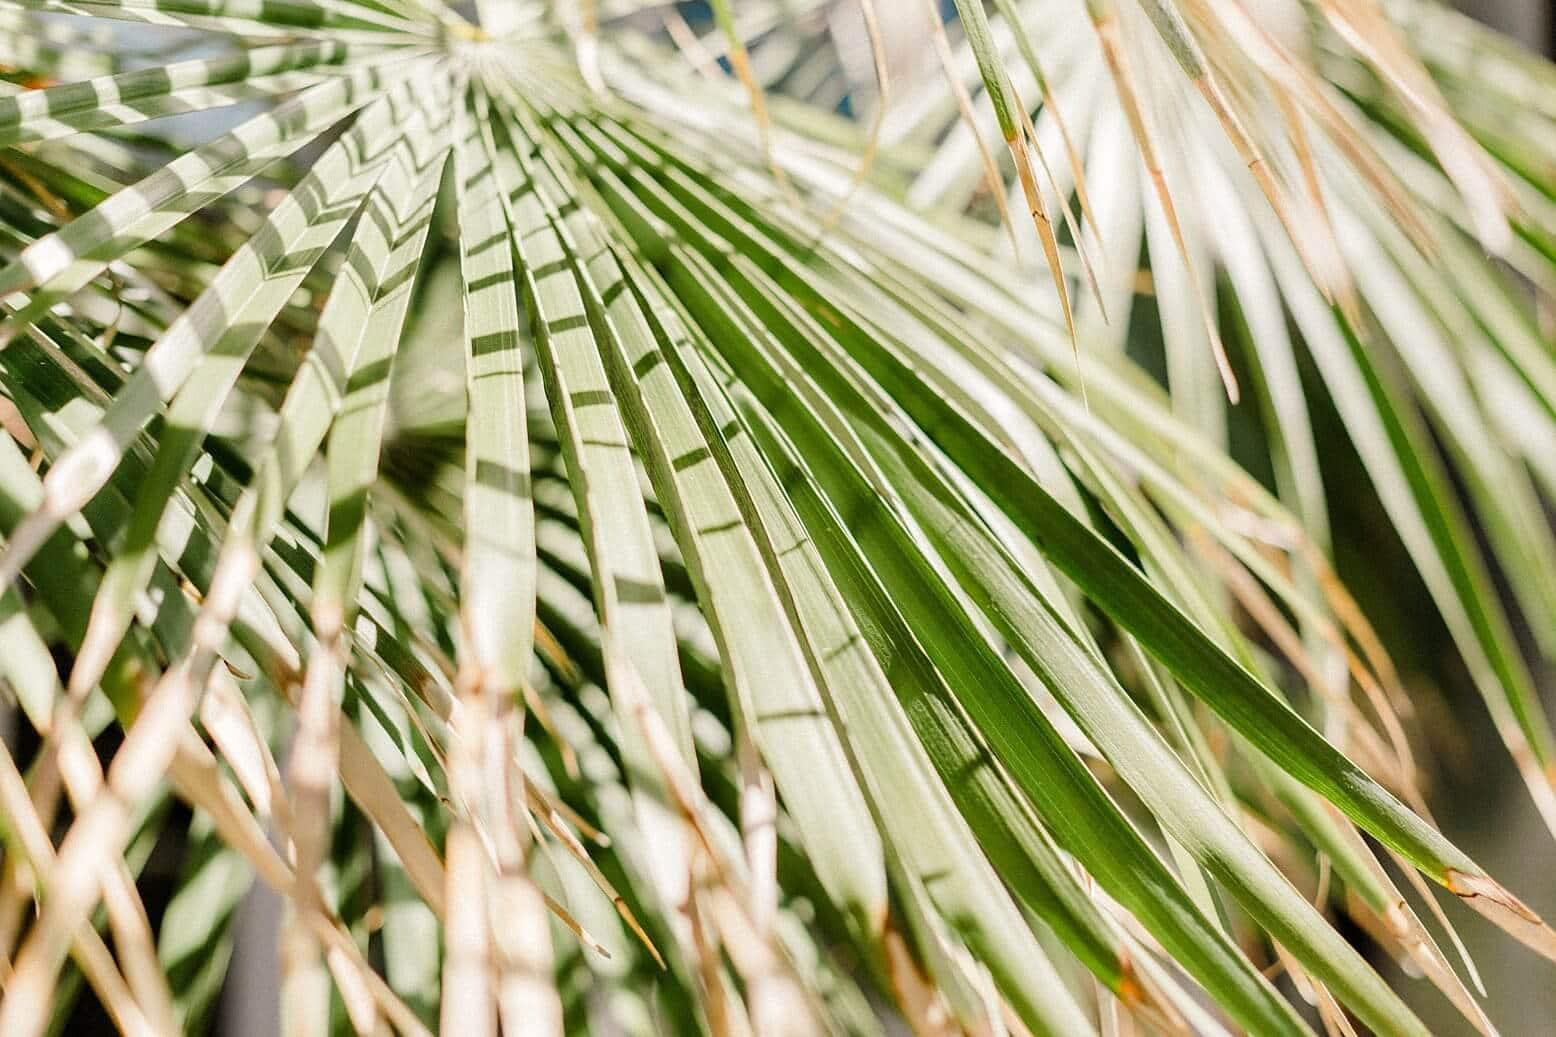 Nahaufnahme von Palmen Blättern